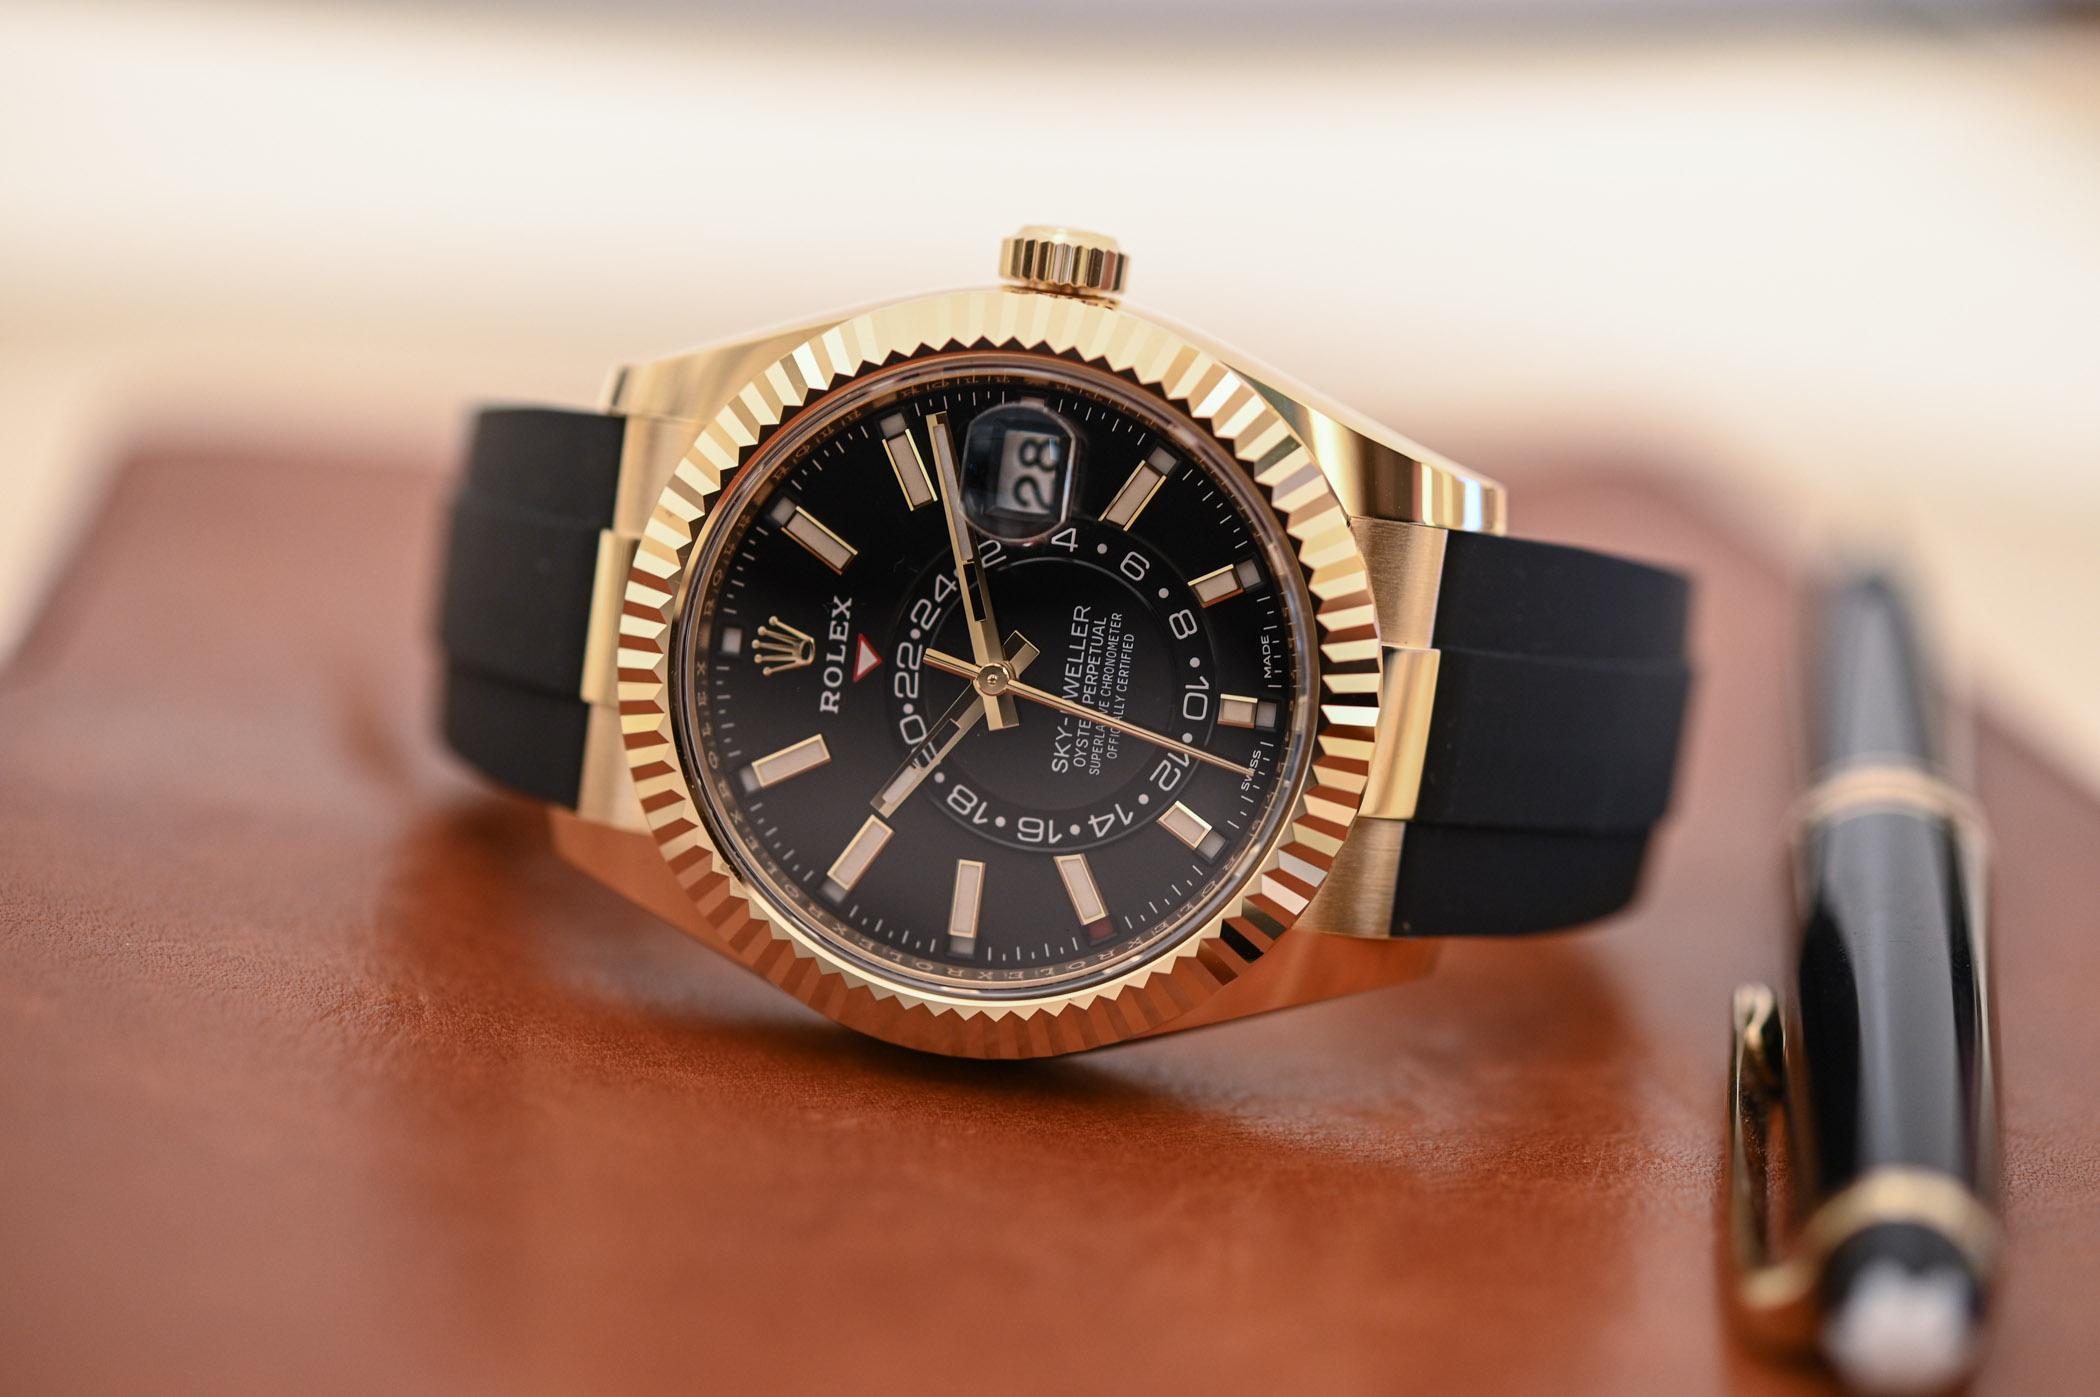 Bộ sưu tập đồng hồ Rolex Sky-Dweller 2020 có gì mới?